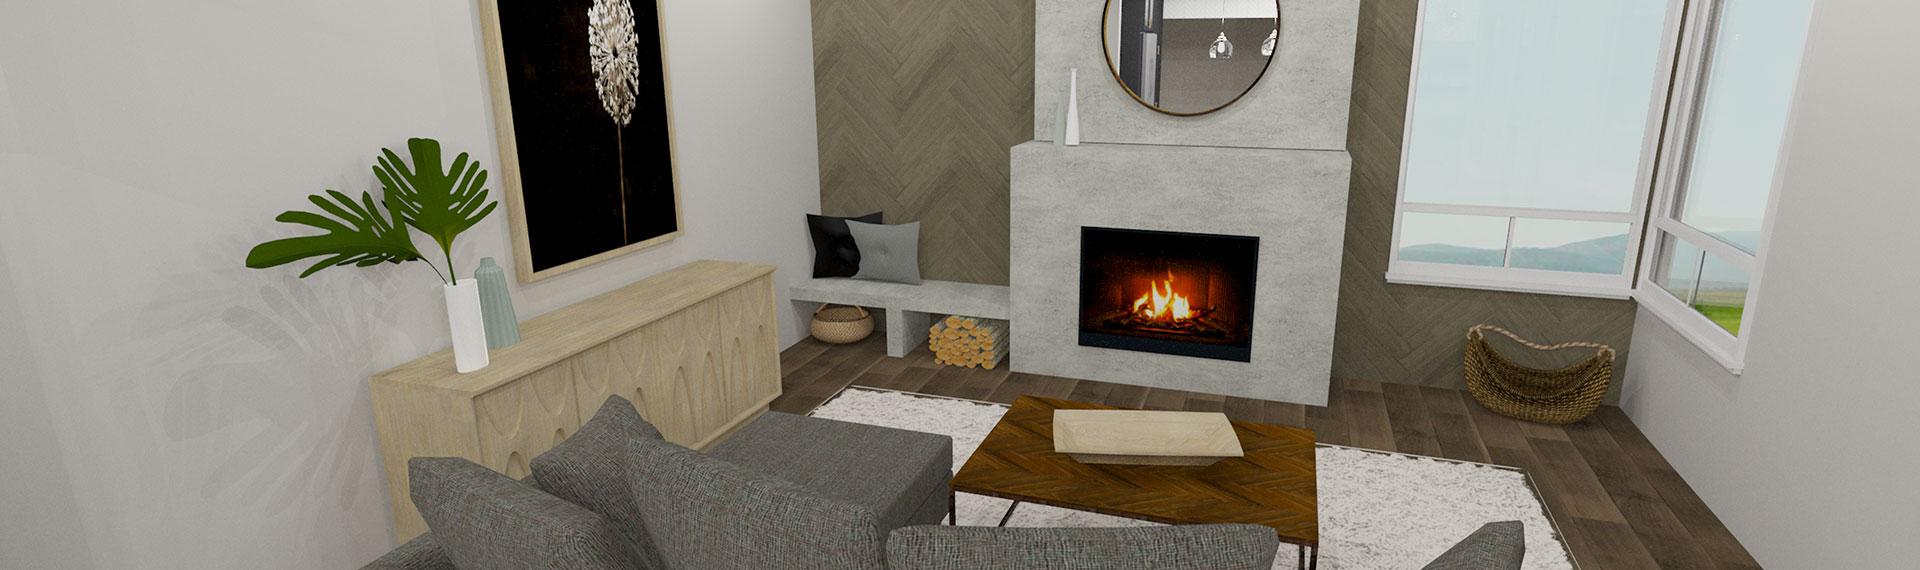 KH Custom Home 3D Renderings